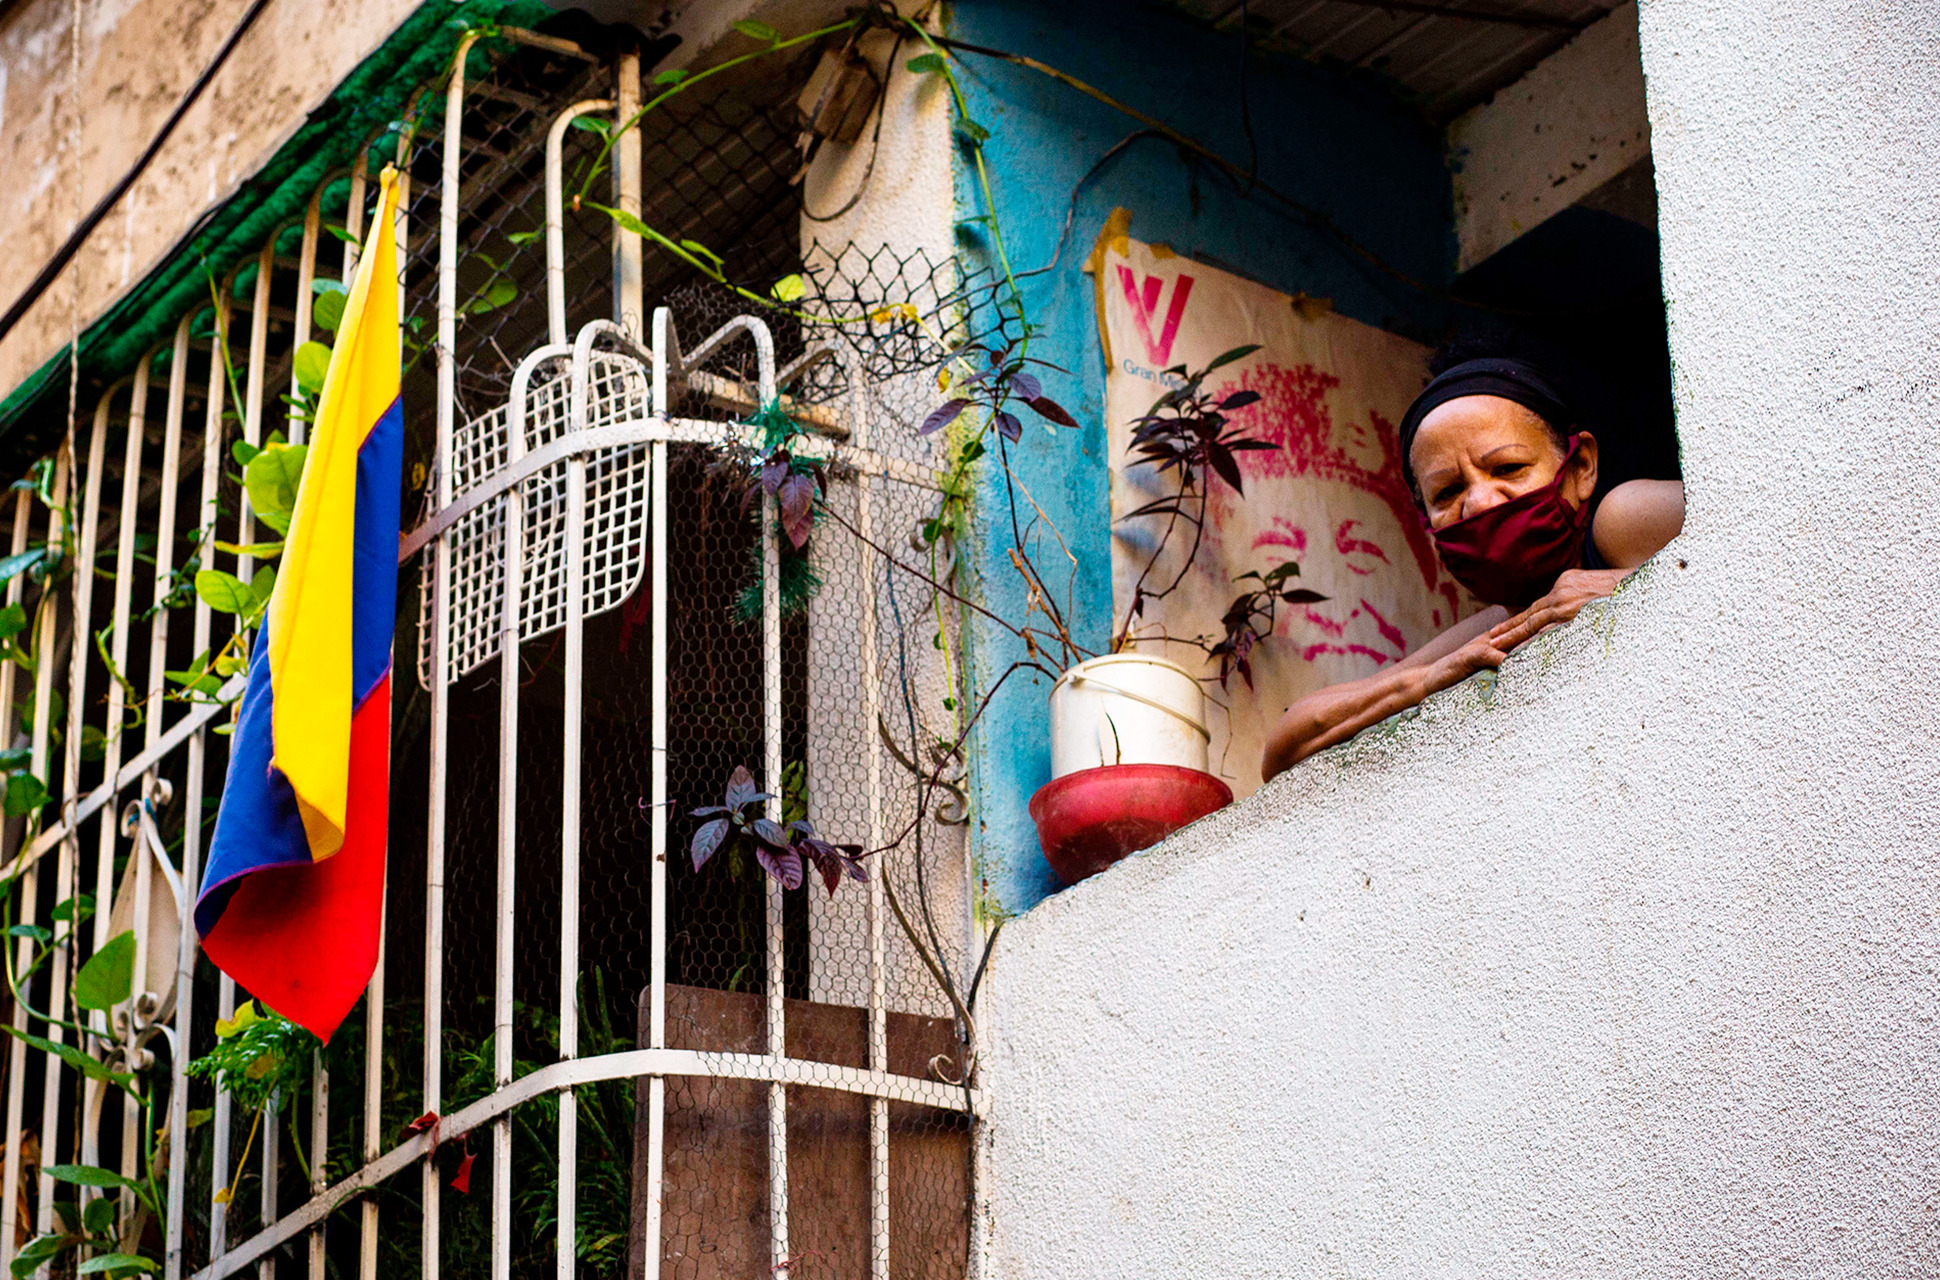 bus tv Seguiremos_informando_El_Bus_TV_el_periodismo_en_Venezuela_que_vence_la_censura_Liza_López_Reportajes_Gatopardo_216 3